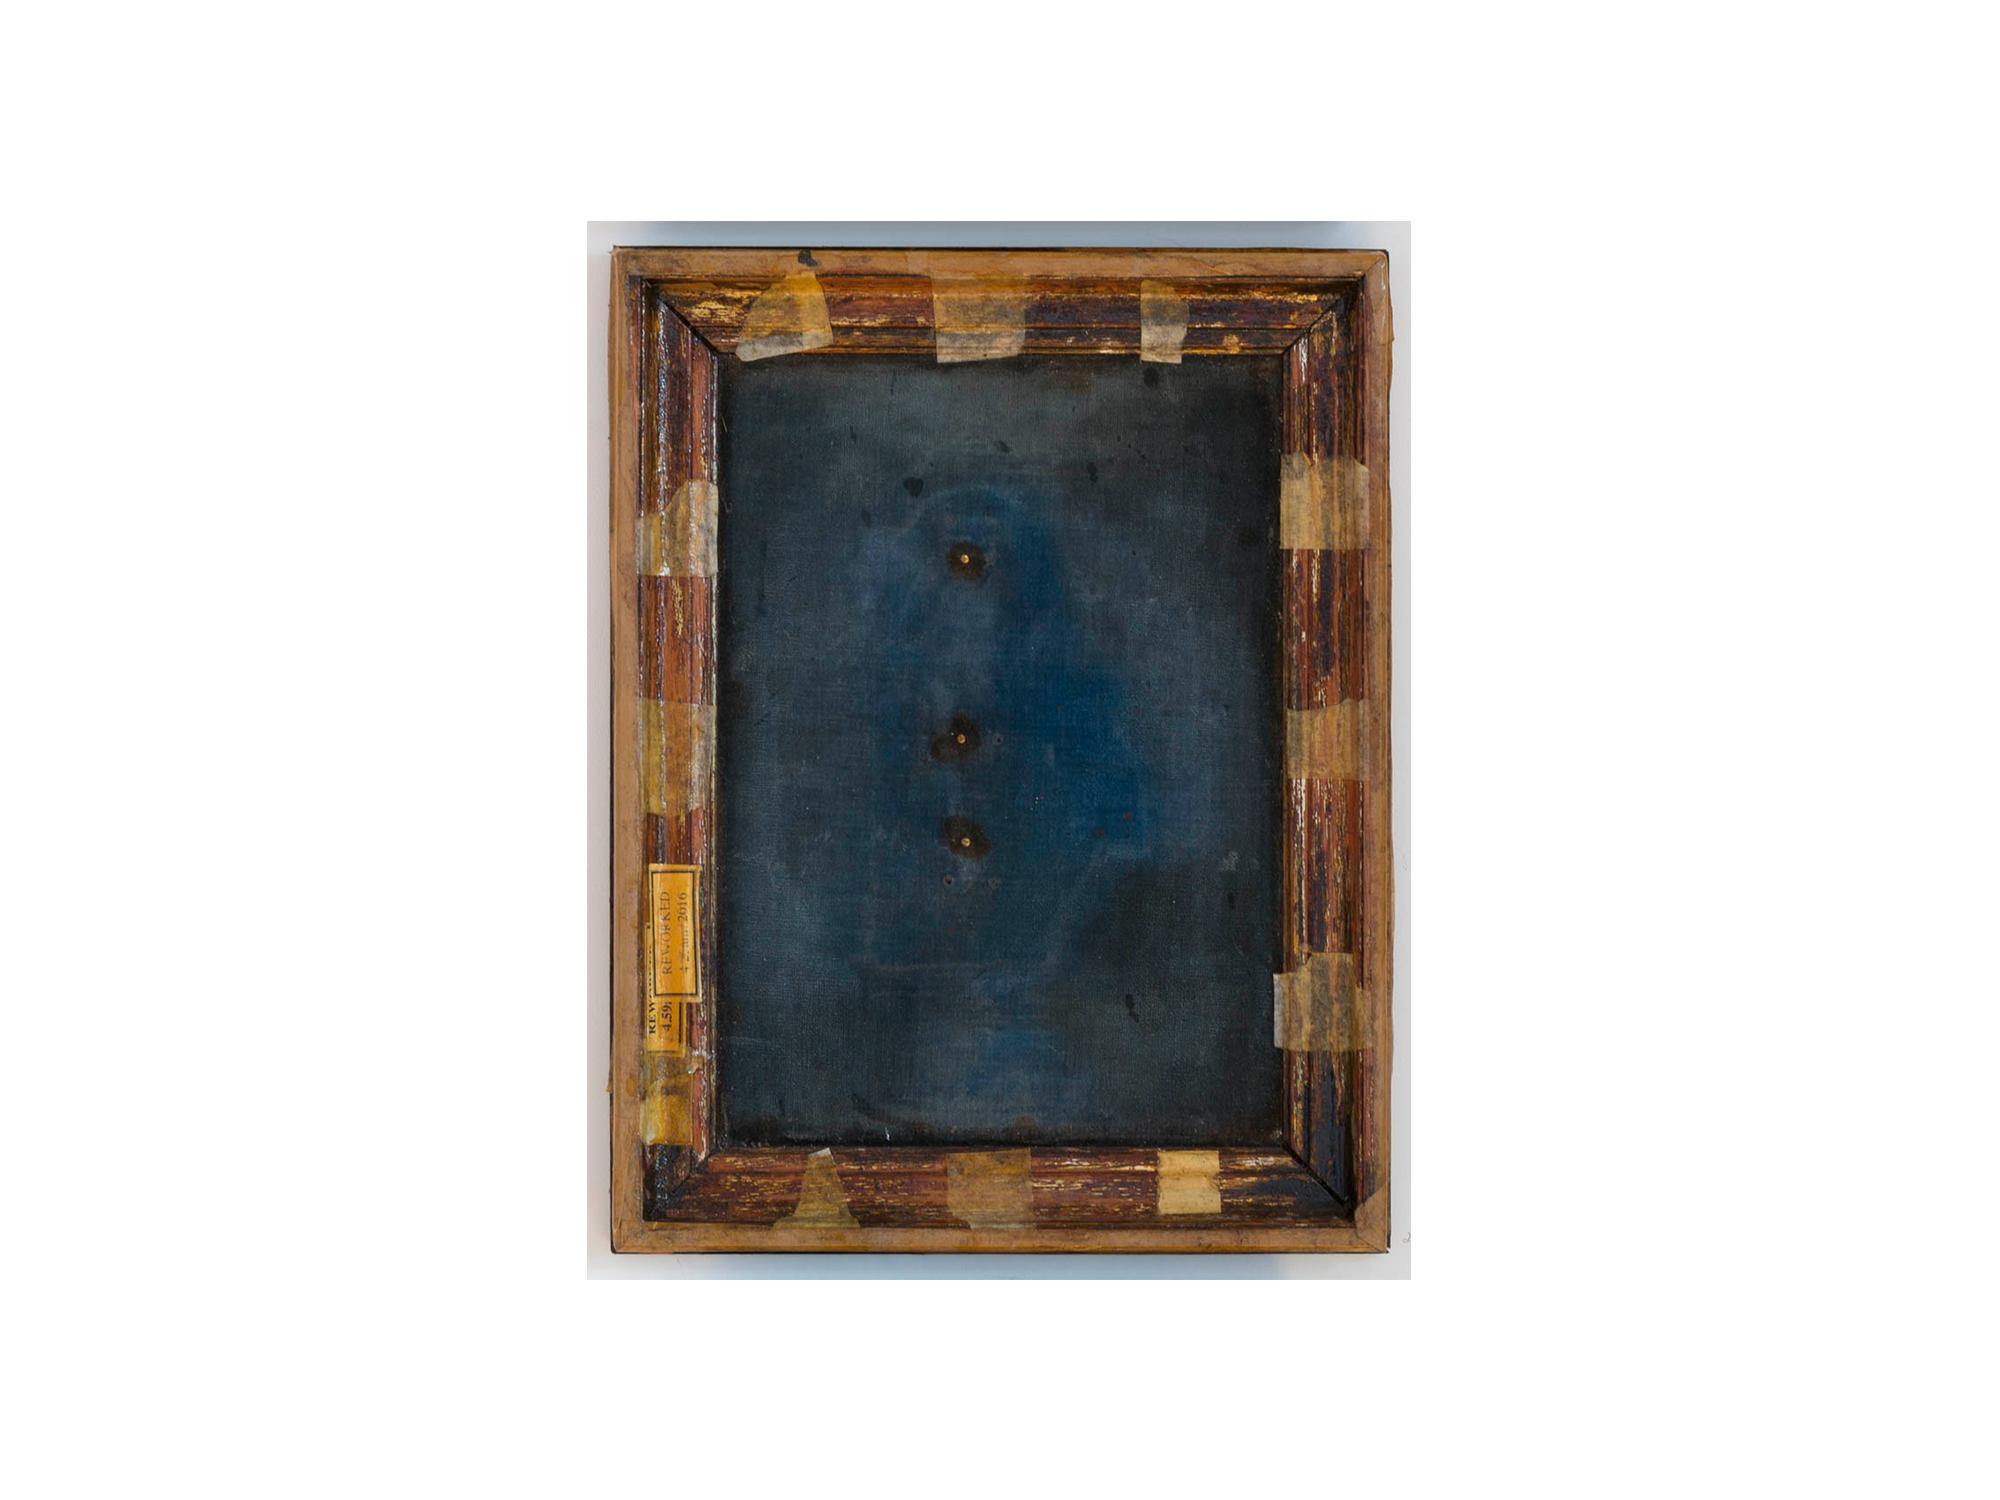 Bernard Sachs   Untitled (Weltsinneslust) , 2016 mixed media on framed velvet 38 x 30cm   ARTIST BIO